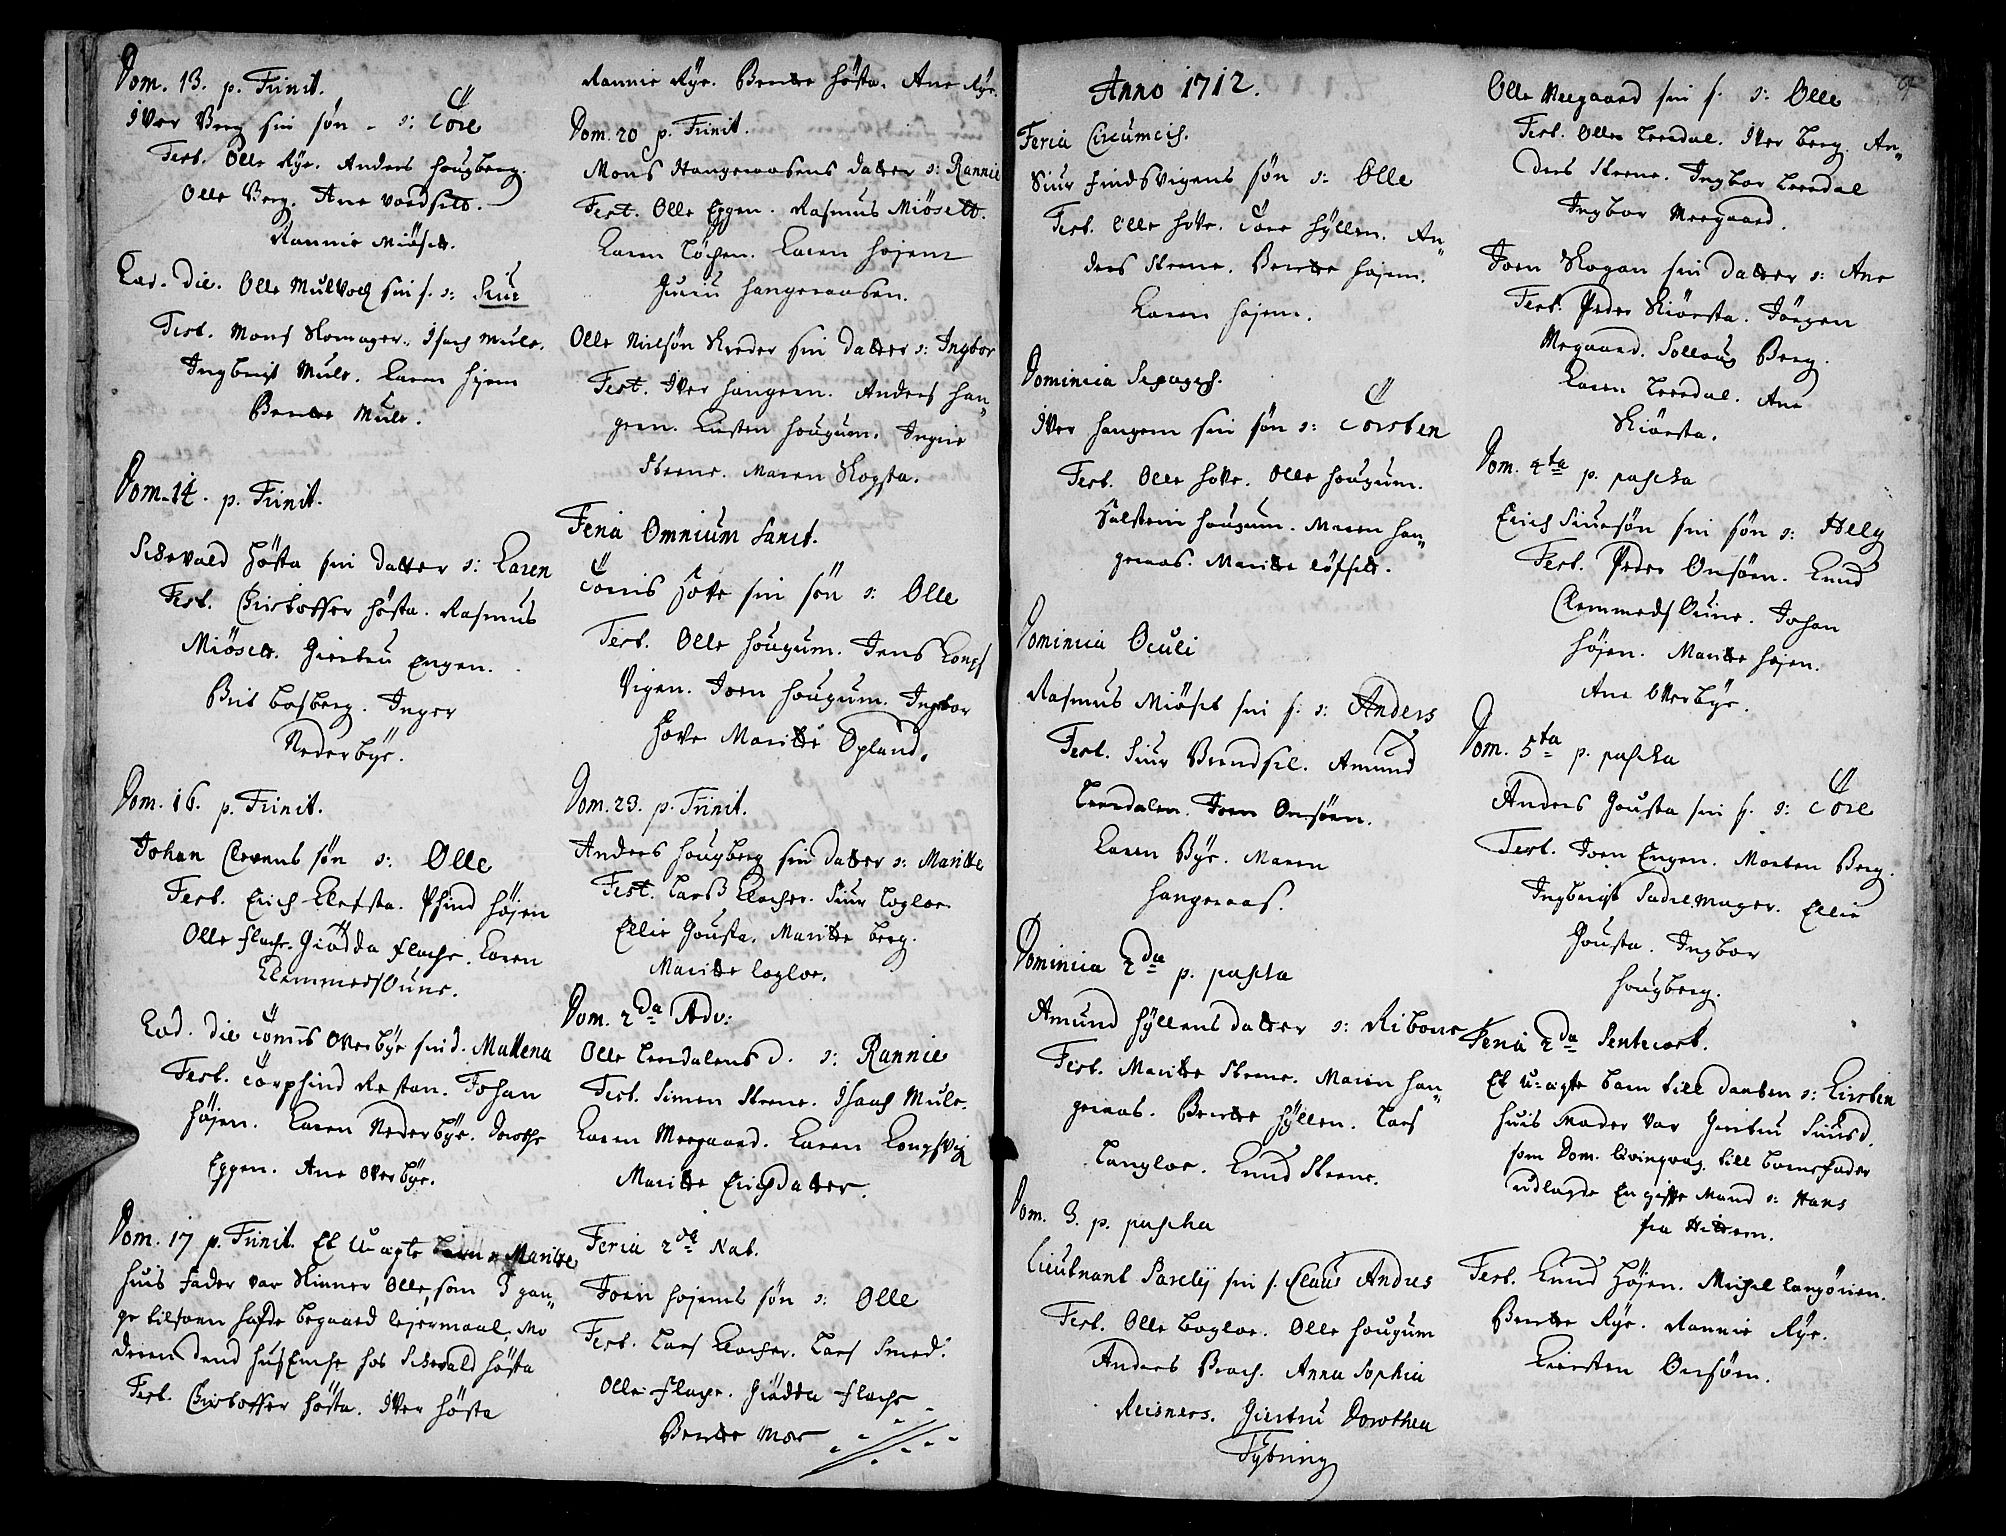 SAT, Ministerialprotokoller, klokkerbøker og fødselsregistre - Sør-Trøndelag, 612/L0368: Ministerialbok nr. 612A02, 1702-1753, s. 9